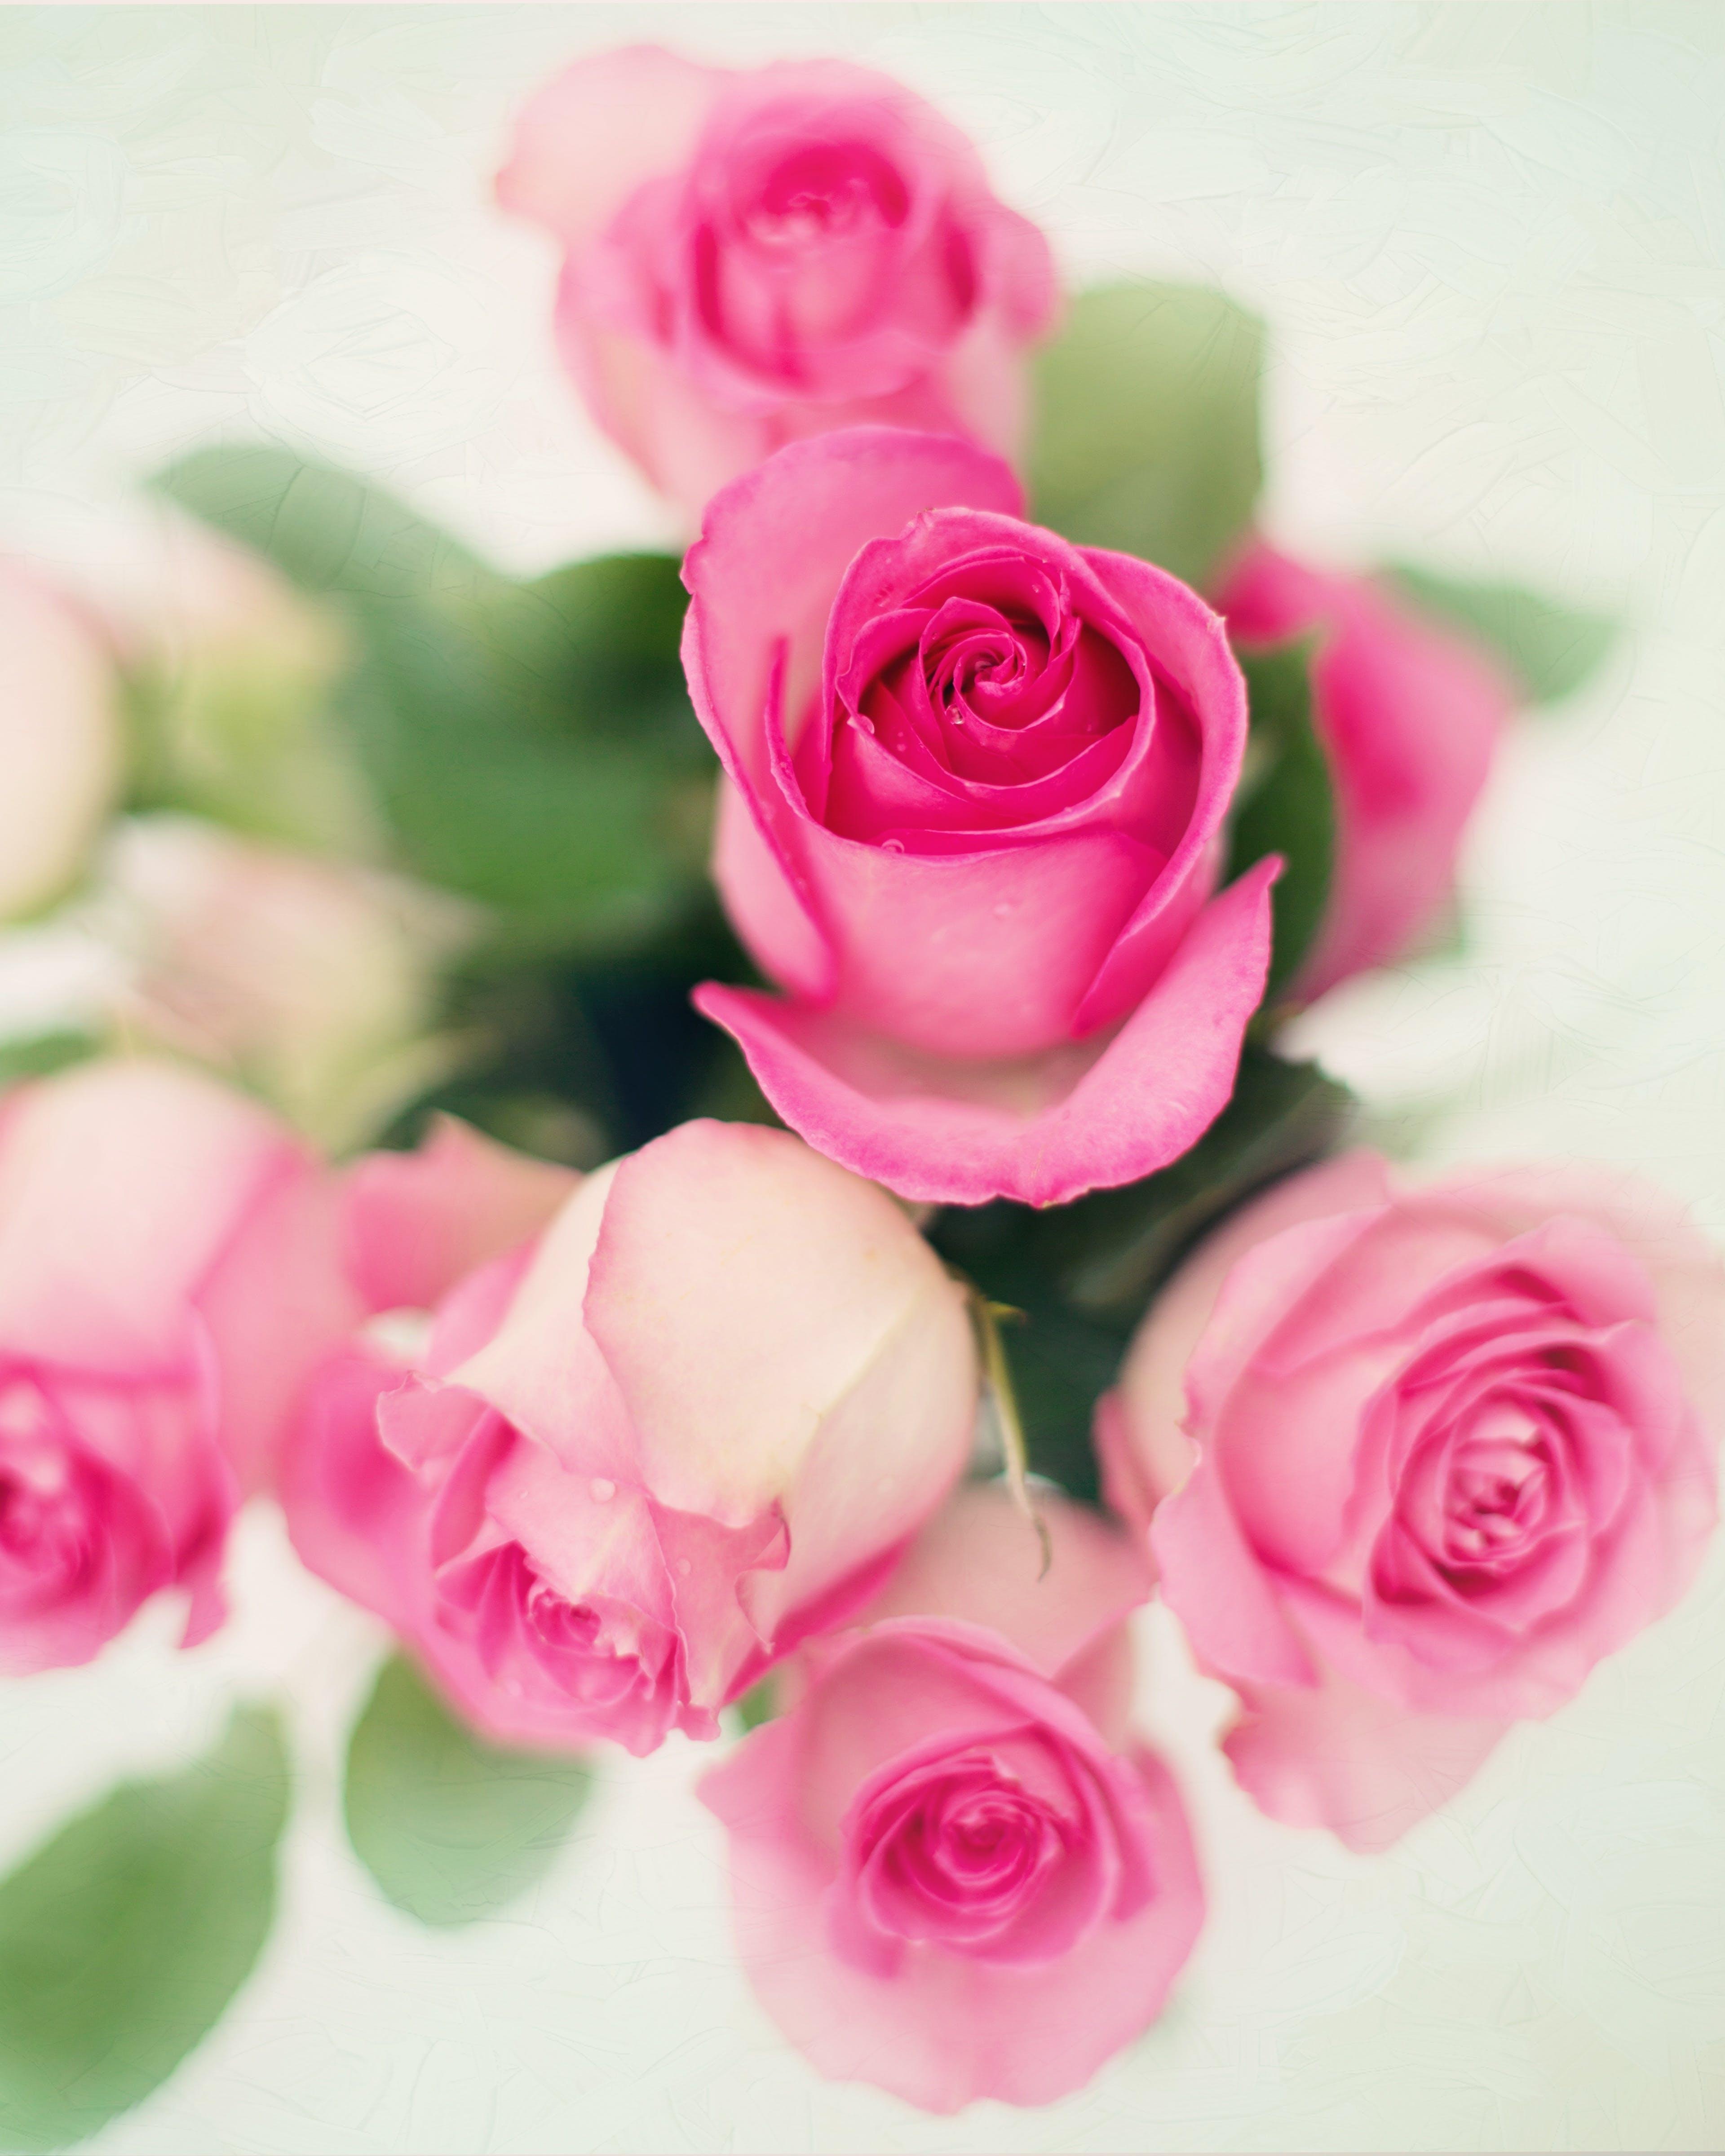 αγάπη, άνθη, ανθίζω